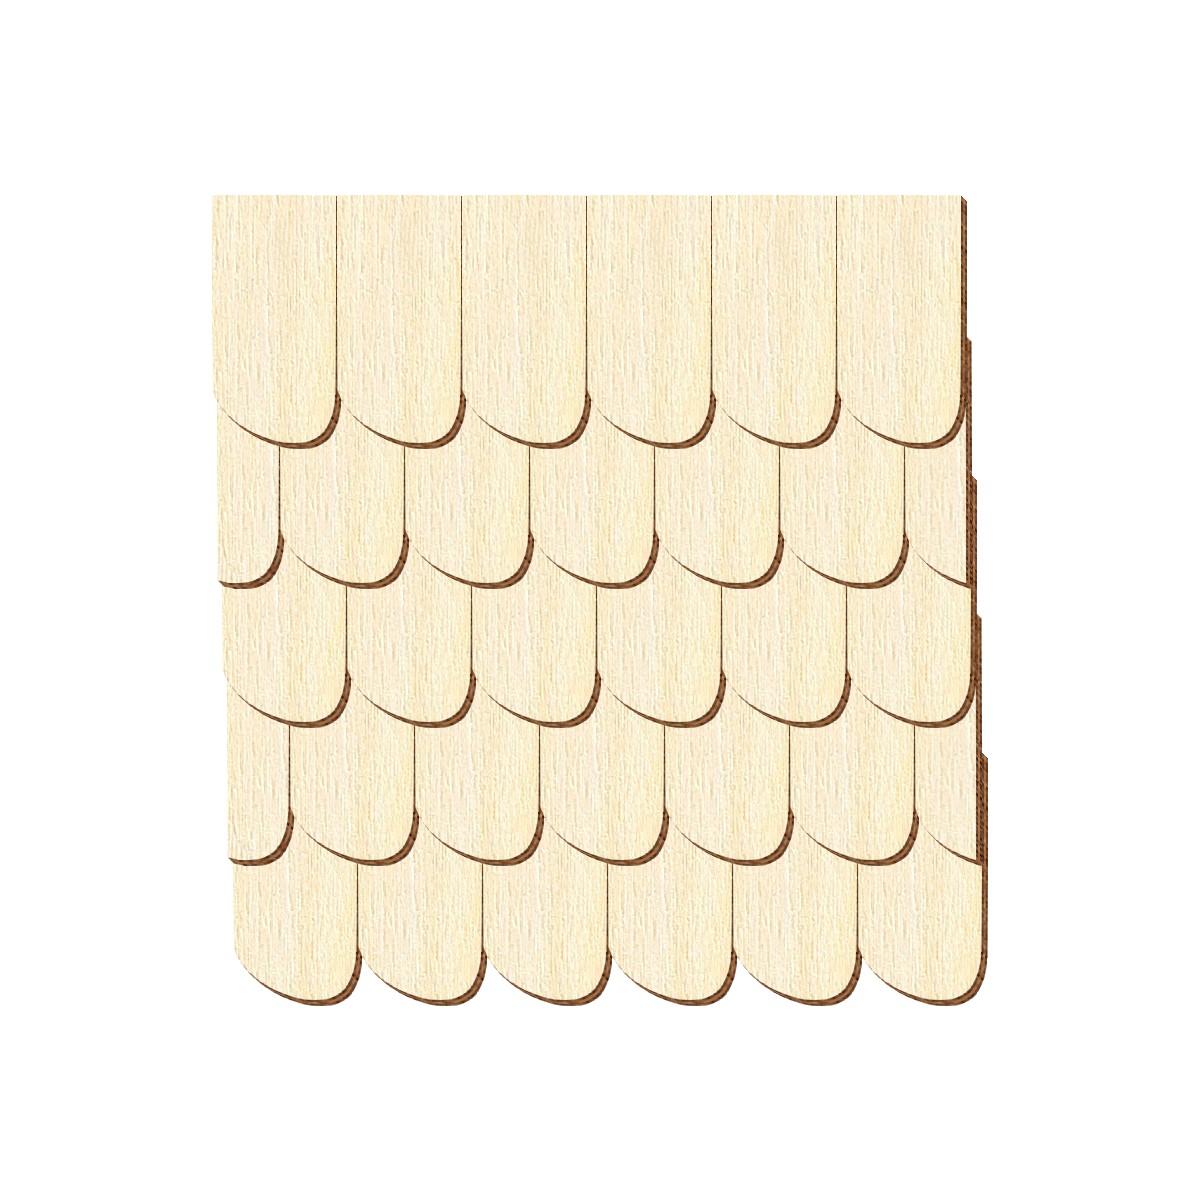 Echtholz Furnier dunkle Schindeln Schwarzwaldform rechts Pack mit:100 St/ück Schindelgr/ö/ße:80mm x 40mm Gr/ö/ßen- und Mengenauswahl